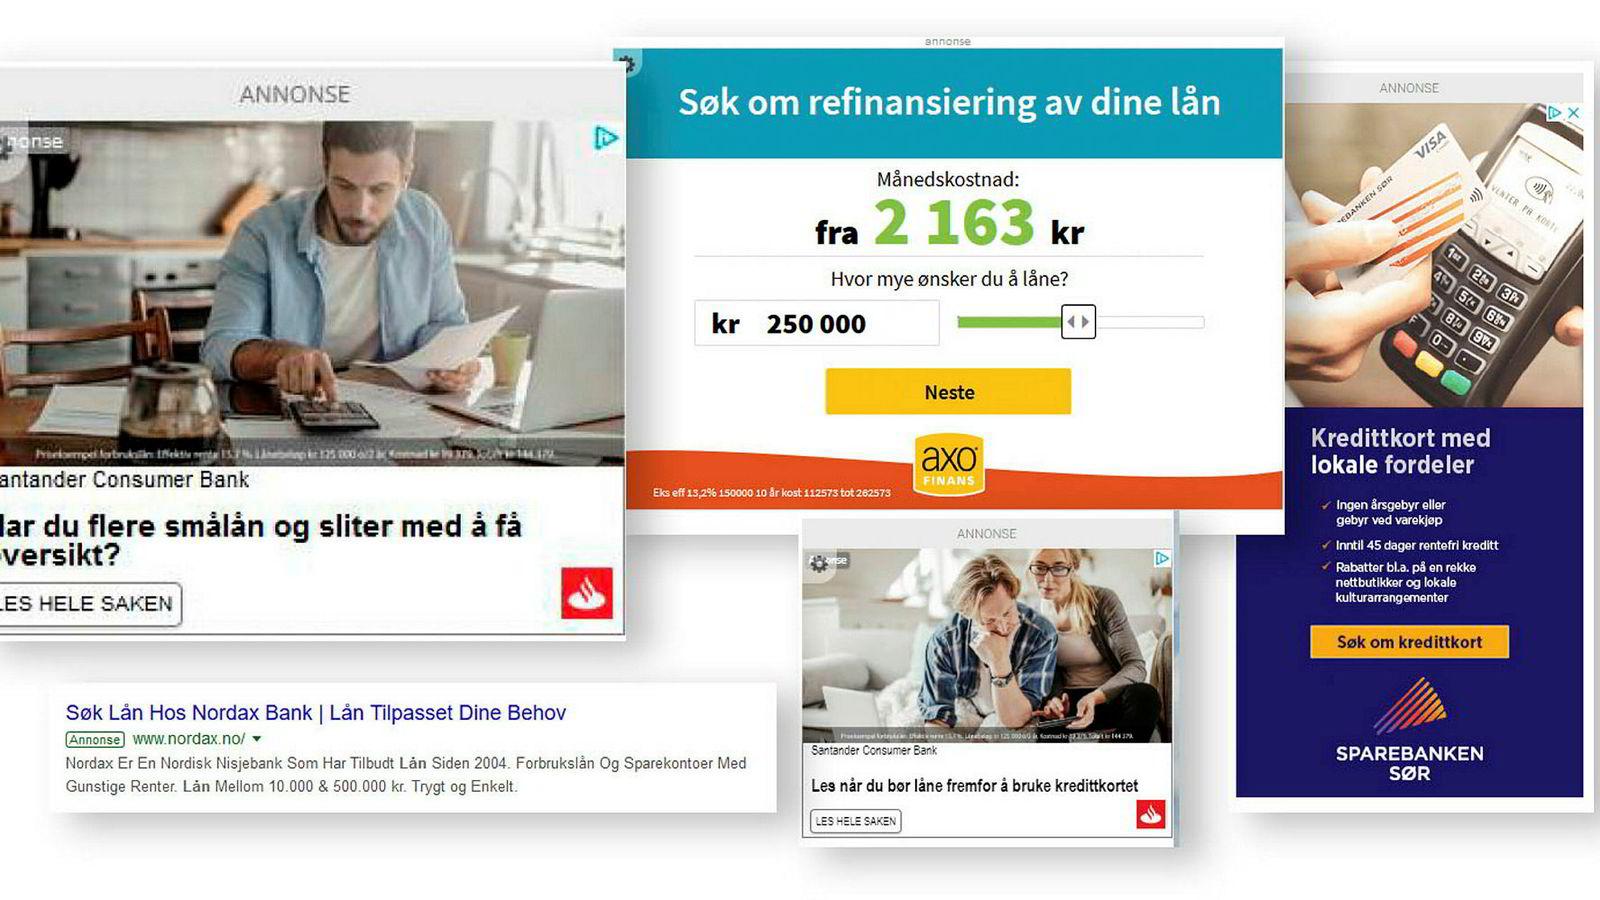 Disse annonsene for forbrukslån er ferske eksempler på brudd på markedsføringsregler – og det handler særlig om for liten skrift eller prisopplysninger som mangler helt eller delvis. Annonsene har Forbrukertilsynet funnet hos aktører som Santander, Nordax, Sparebanken Sør og låneformidlingsselskapet Axo.